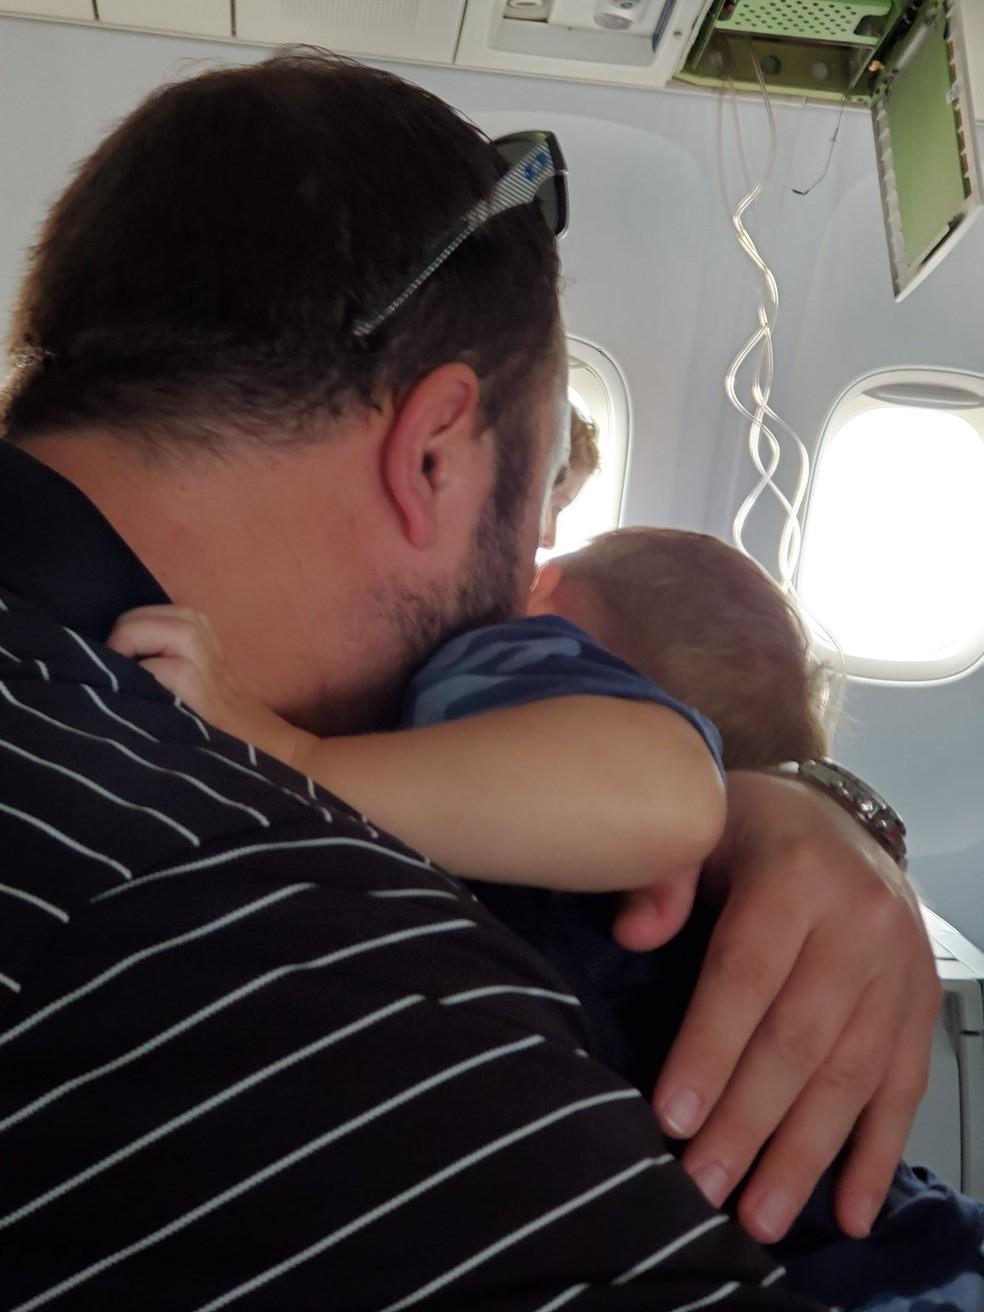 Homem abraça bebê durante pouso de emergência após falha na pressurização nos EUA; procedimento ocorreu sem anormalidades — Foto: @BrutusOsceola/Reprodução/Twitter